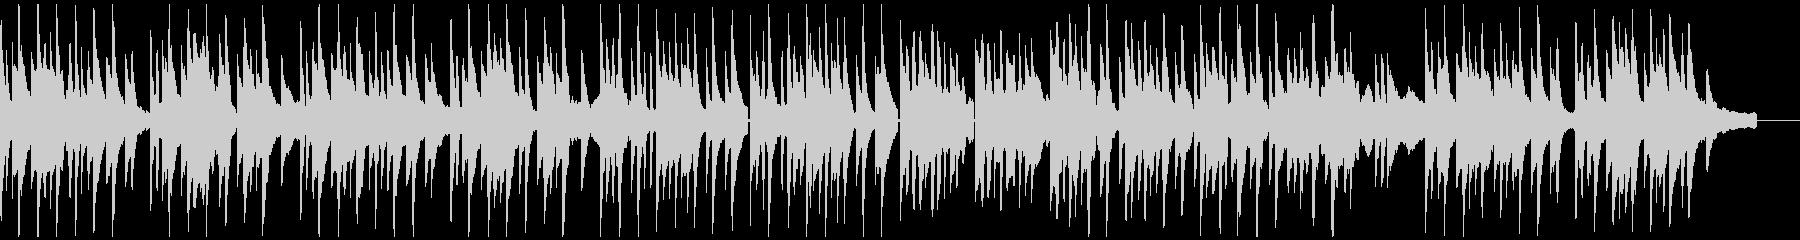 メランコリックなピアノソロの未再生の波形